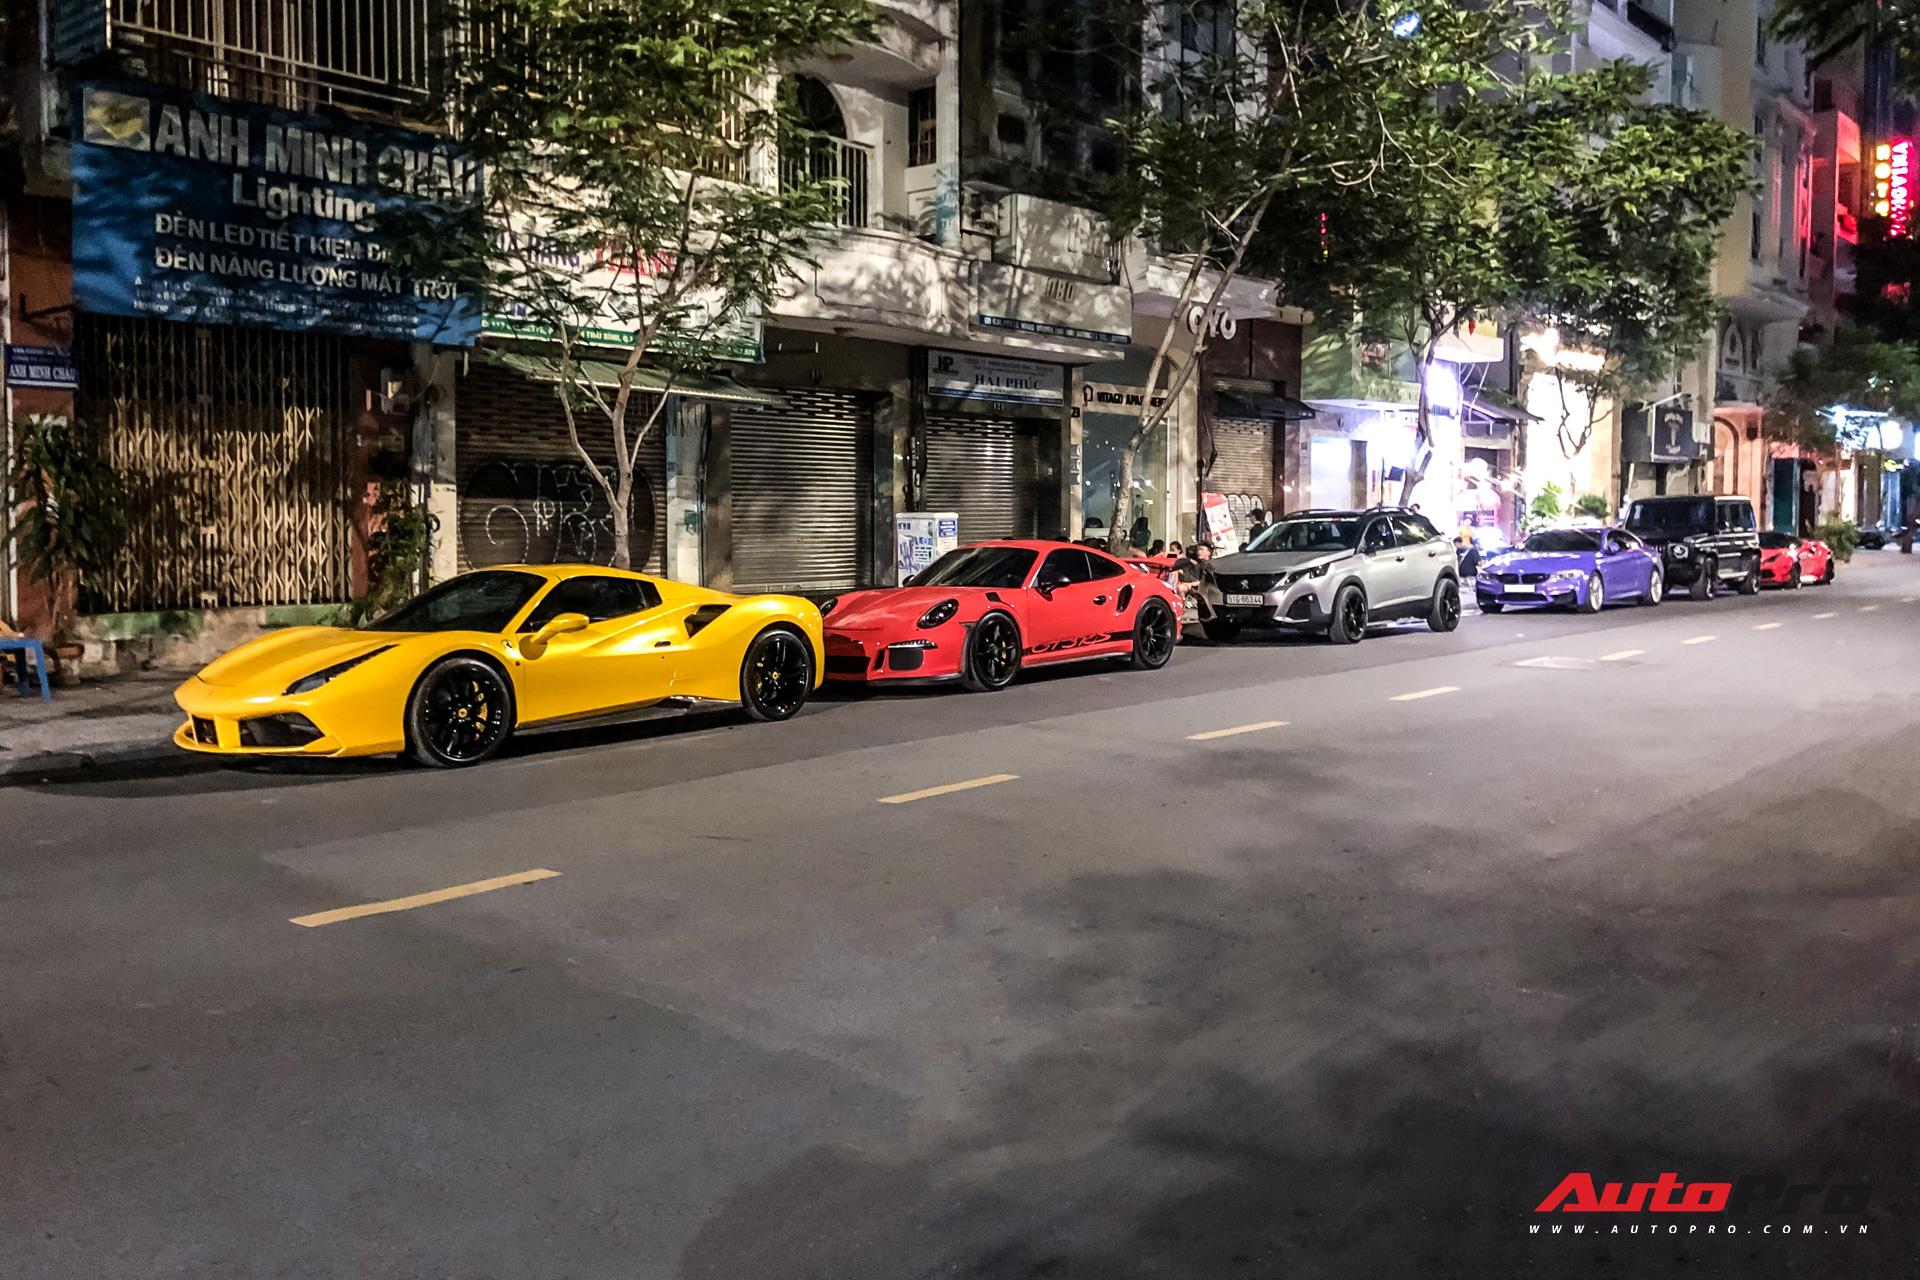 Vừa thành lập hội siêu xe thứ 2 Việt Nam, dàn ''tắc kè hoa'' của Evo Team quy tụ tại trung tâm Sài Gòn